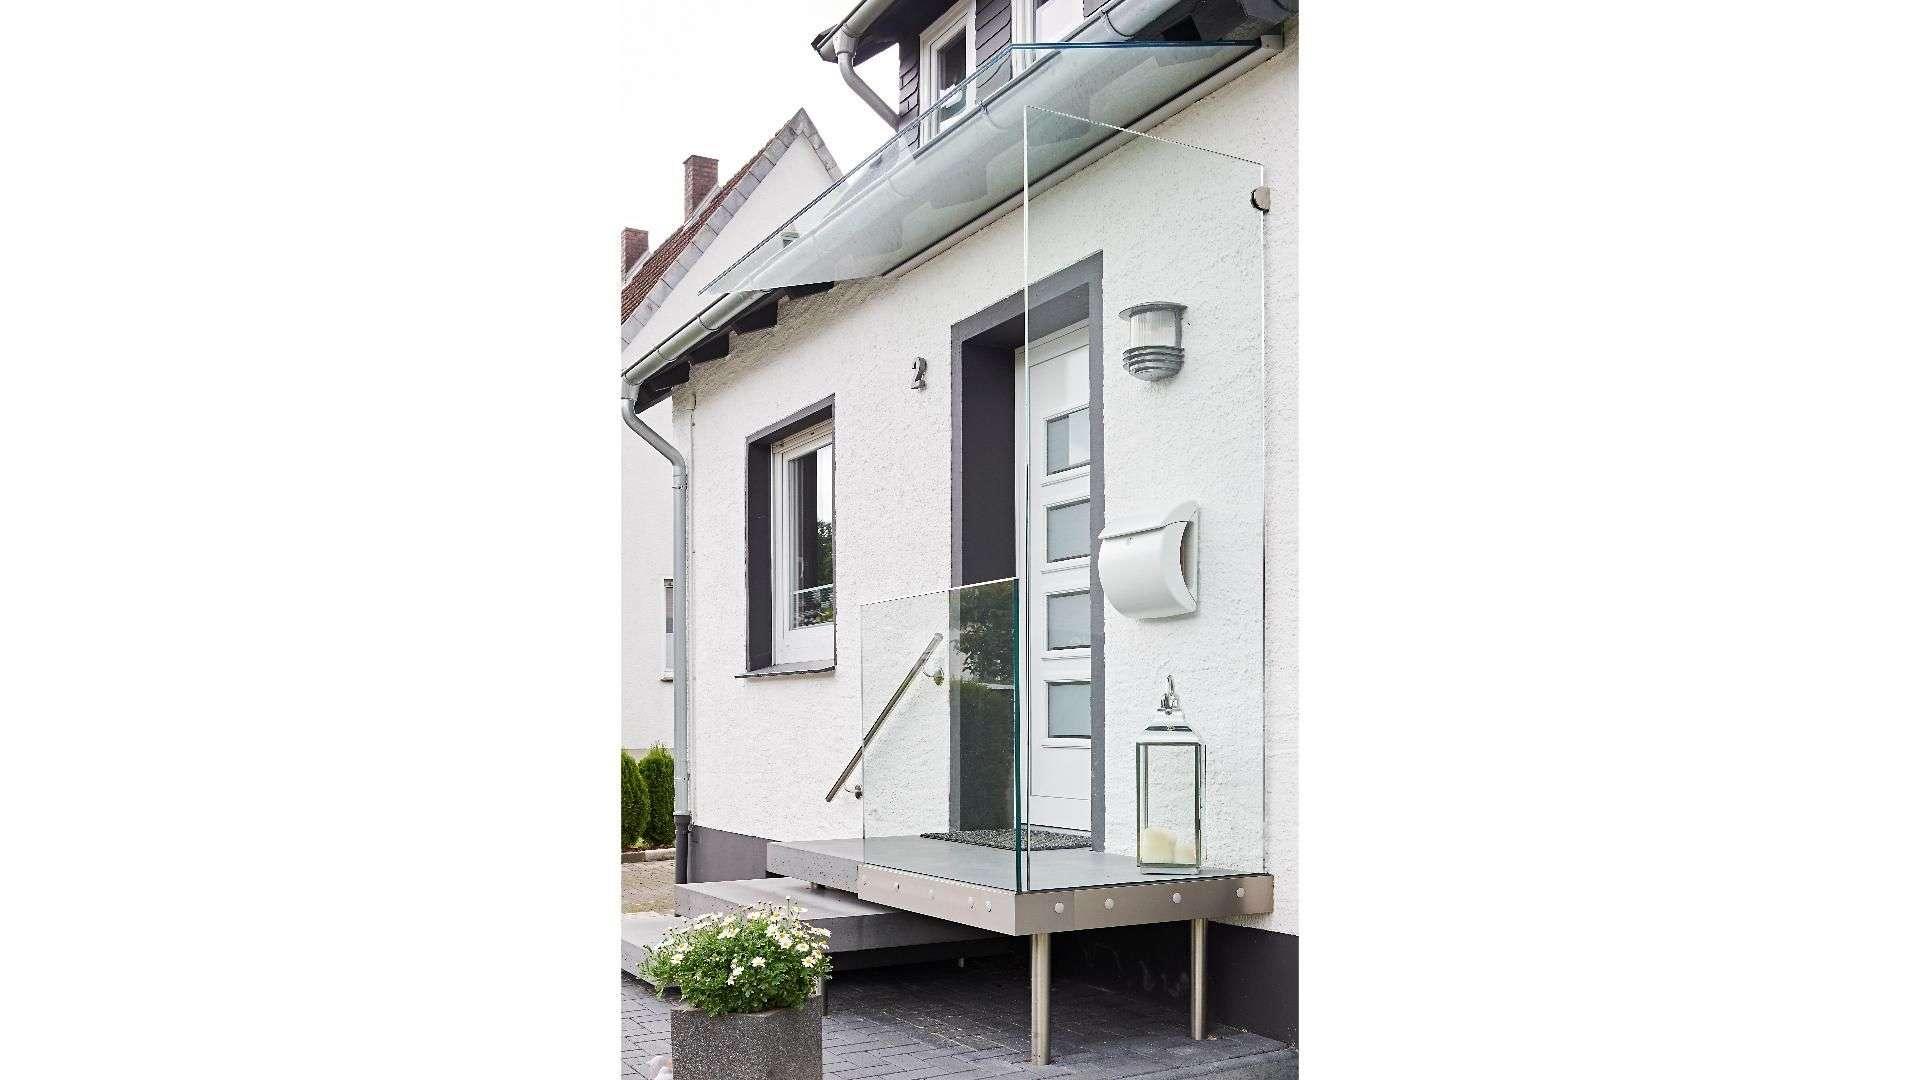 Windschutz neben einer Haustür